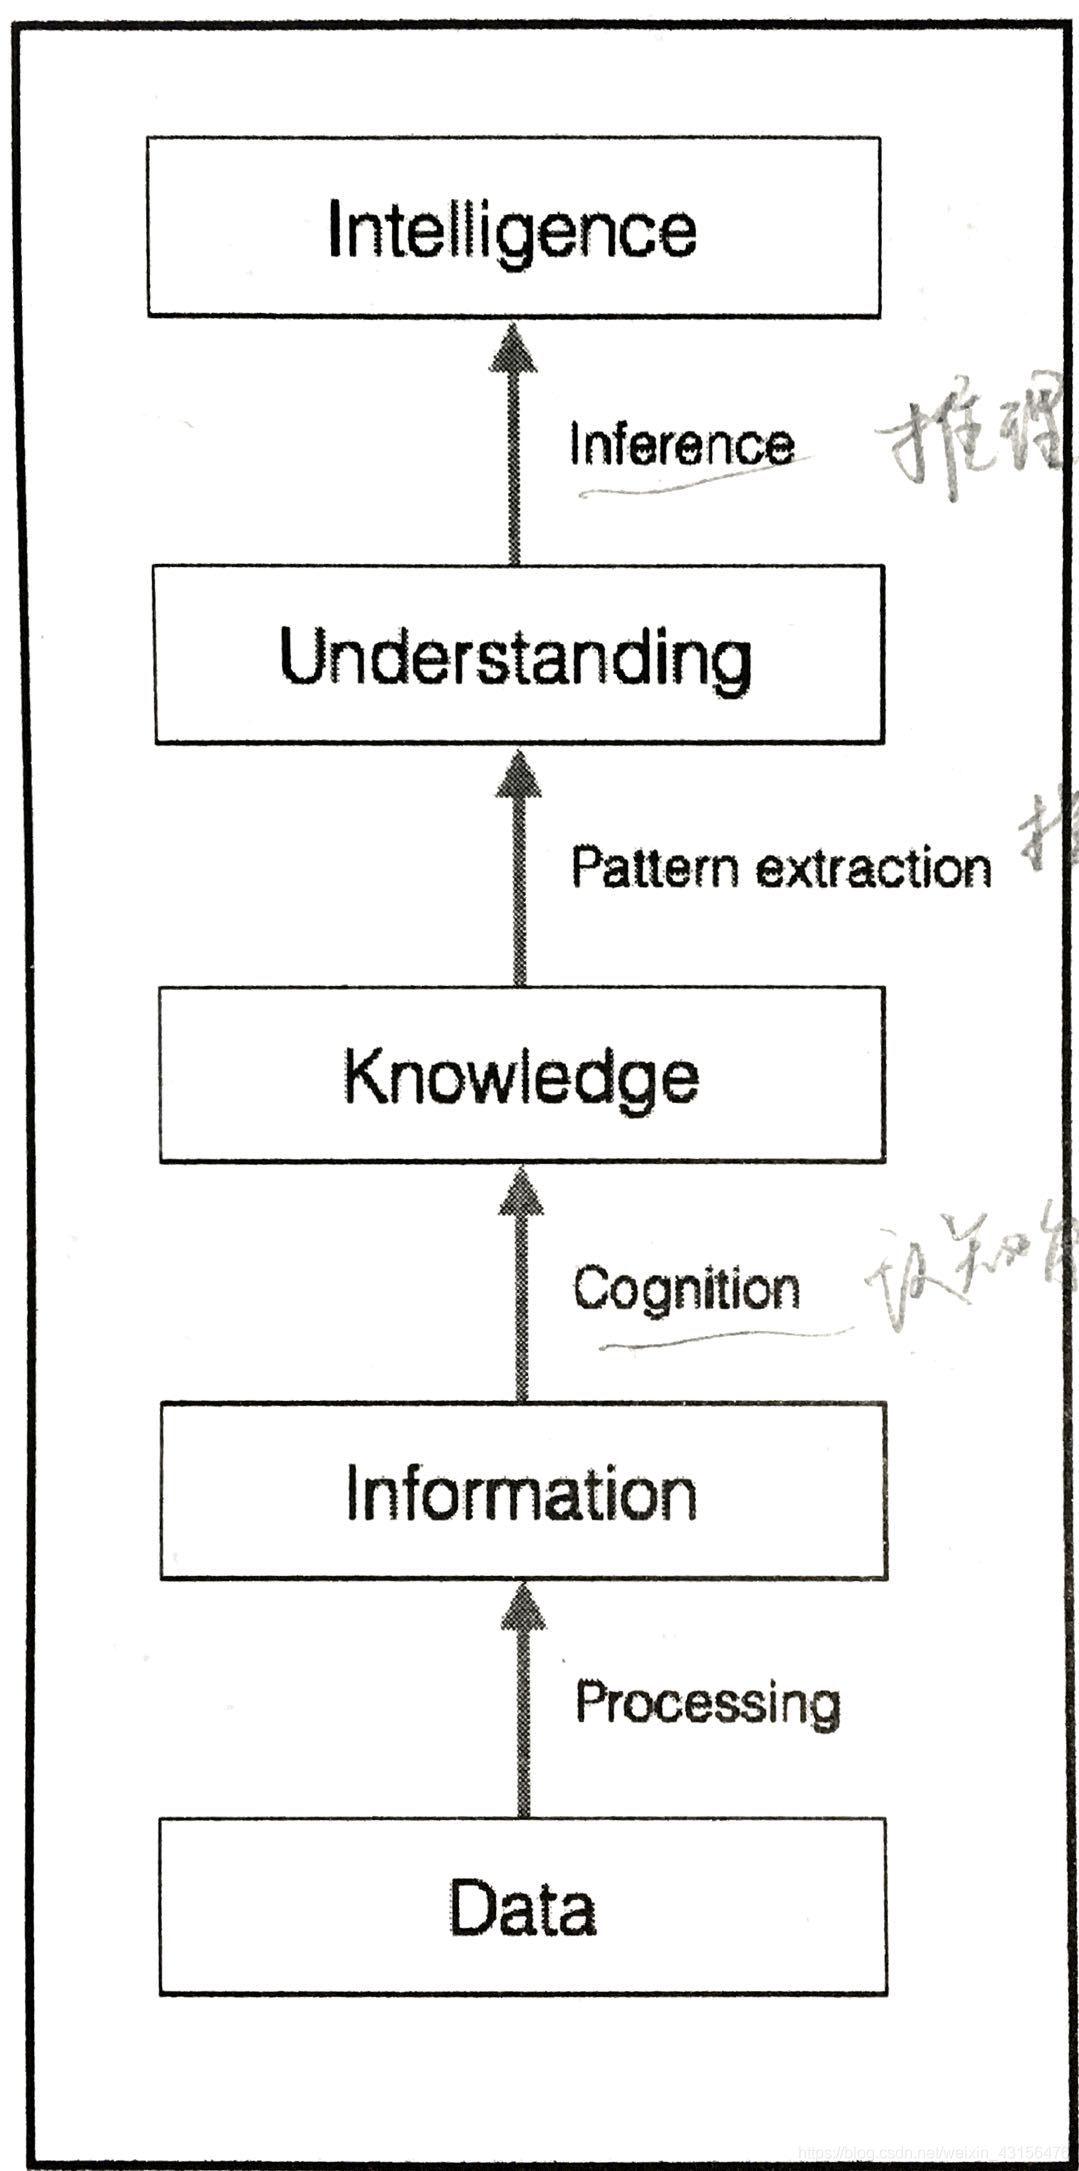 数据转化成知识